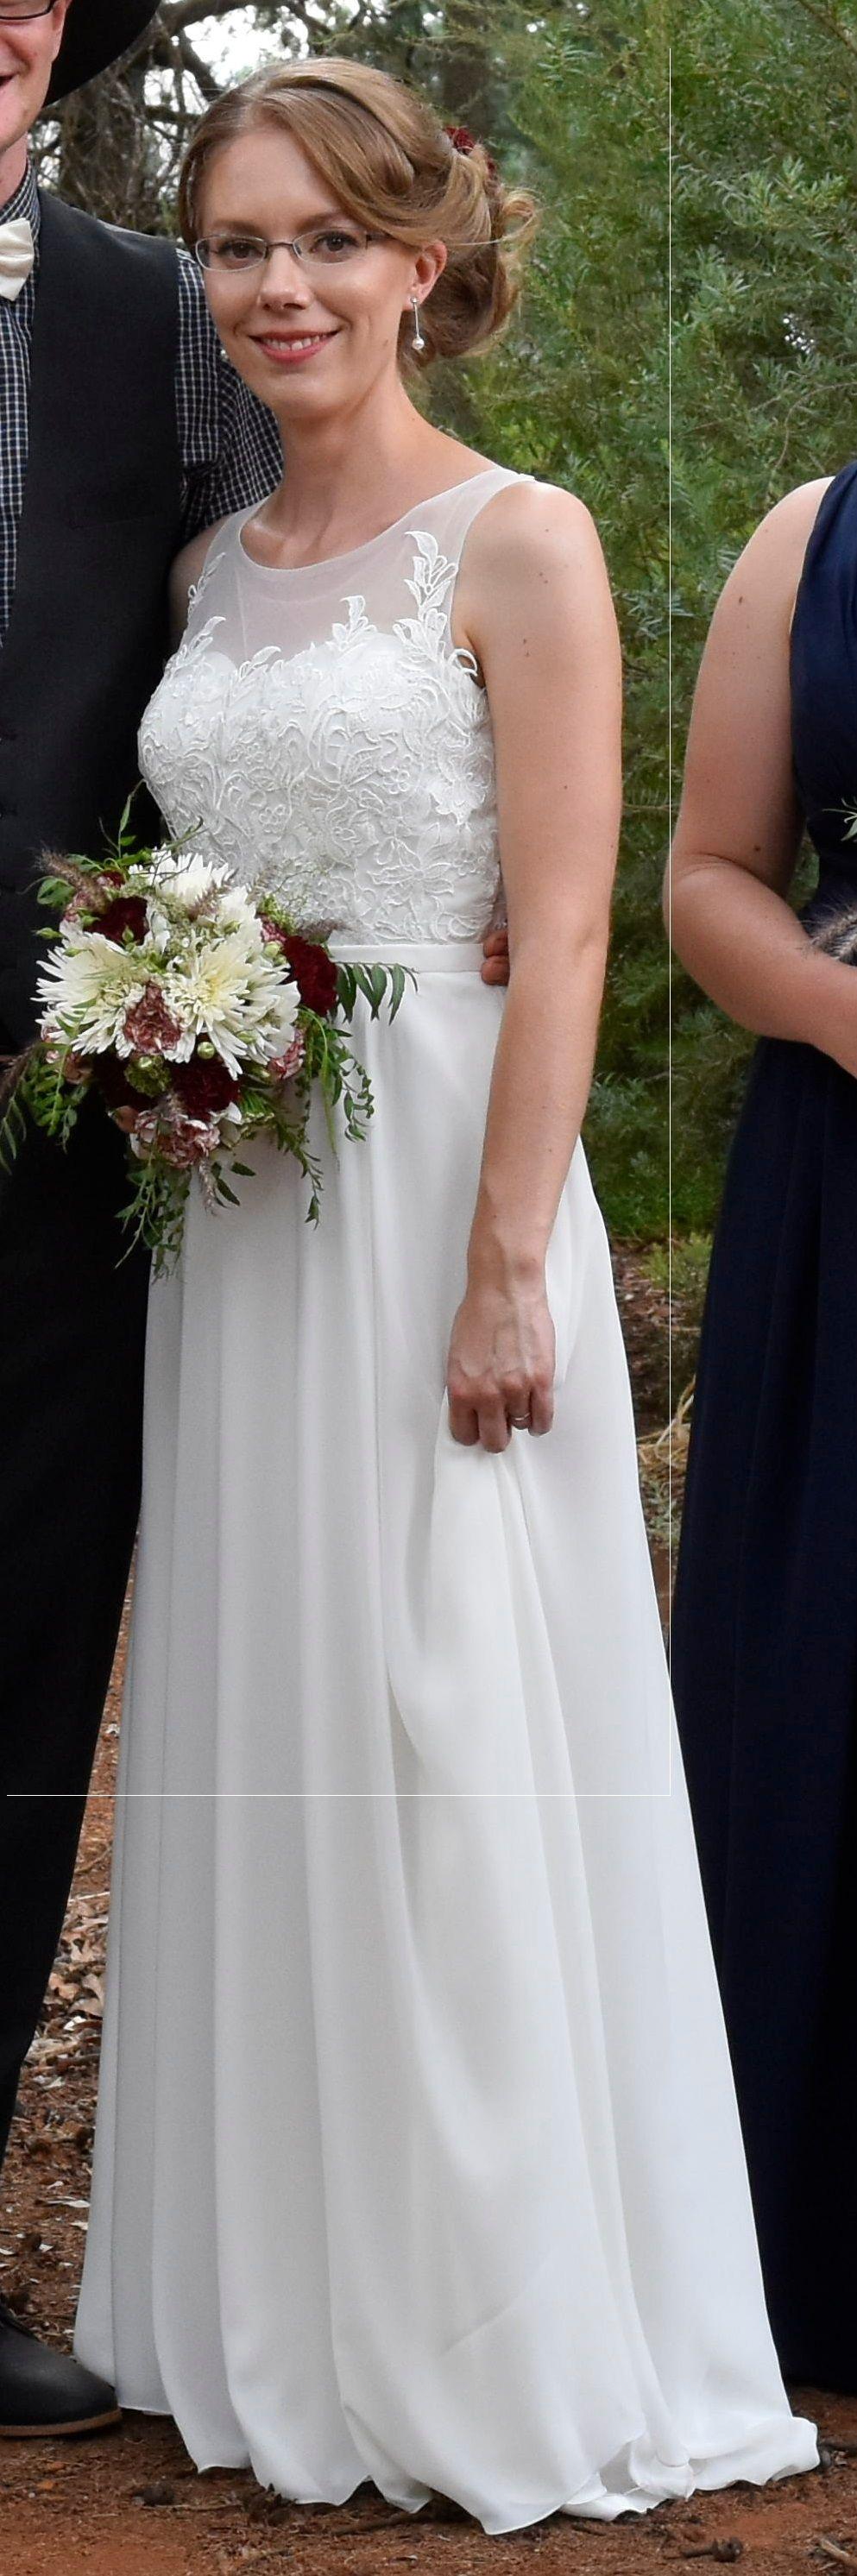 Cizzy Bridal Kc0198 02 Wedding Dress Wedding Dresses Pinterest